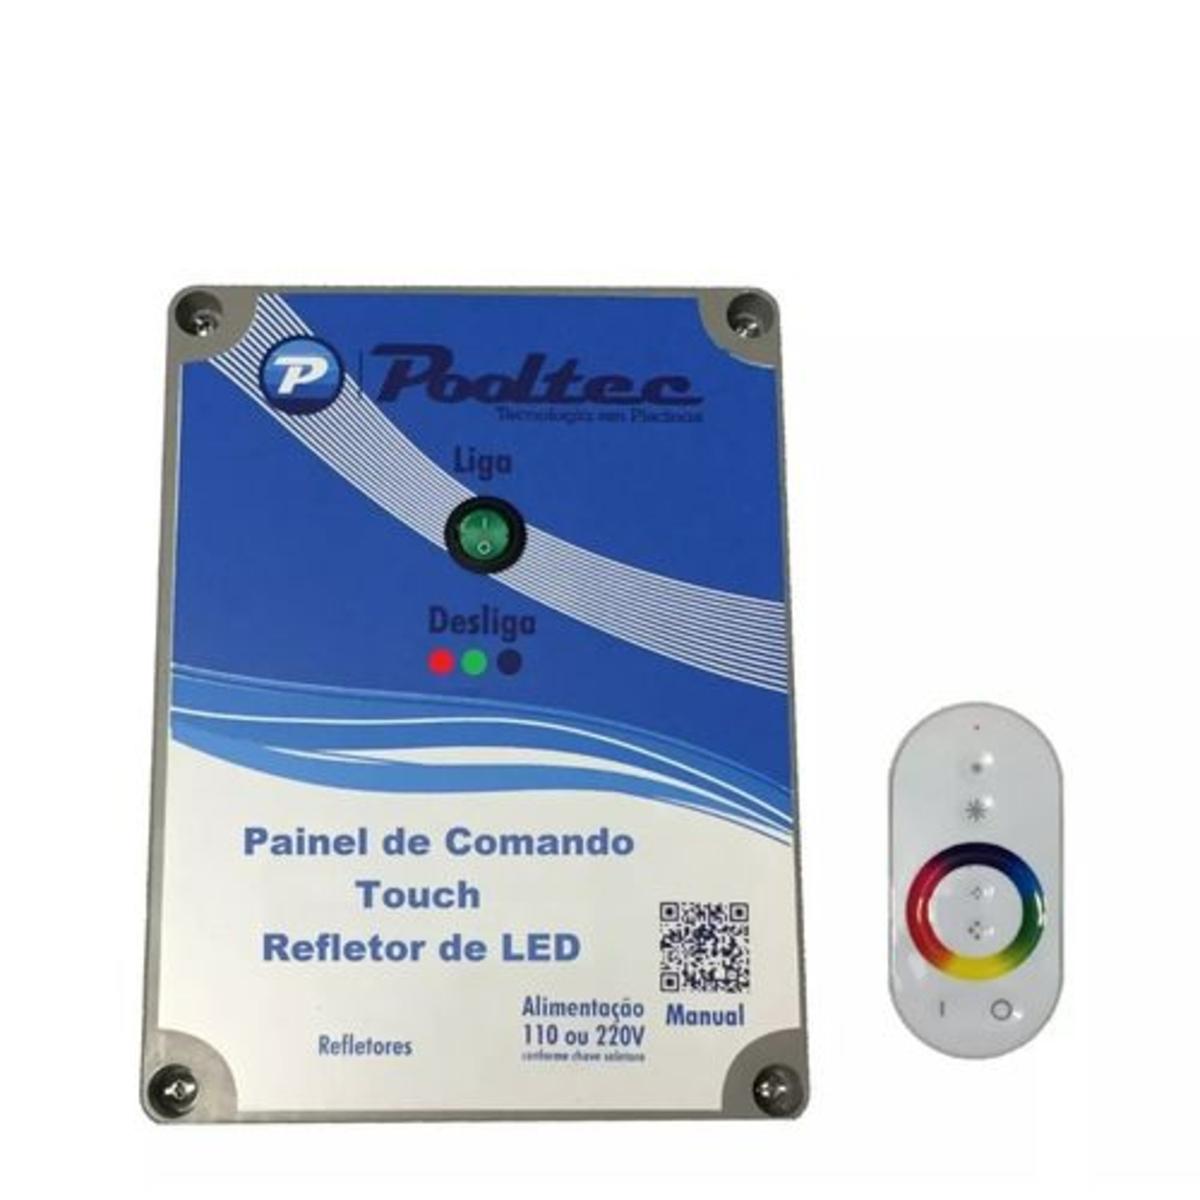 Quadro de Comando com Controle Touch Modelo c Tensão 110 / 220V para leds de Piscina pooltec